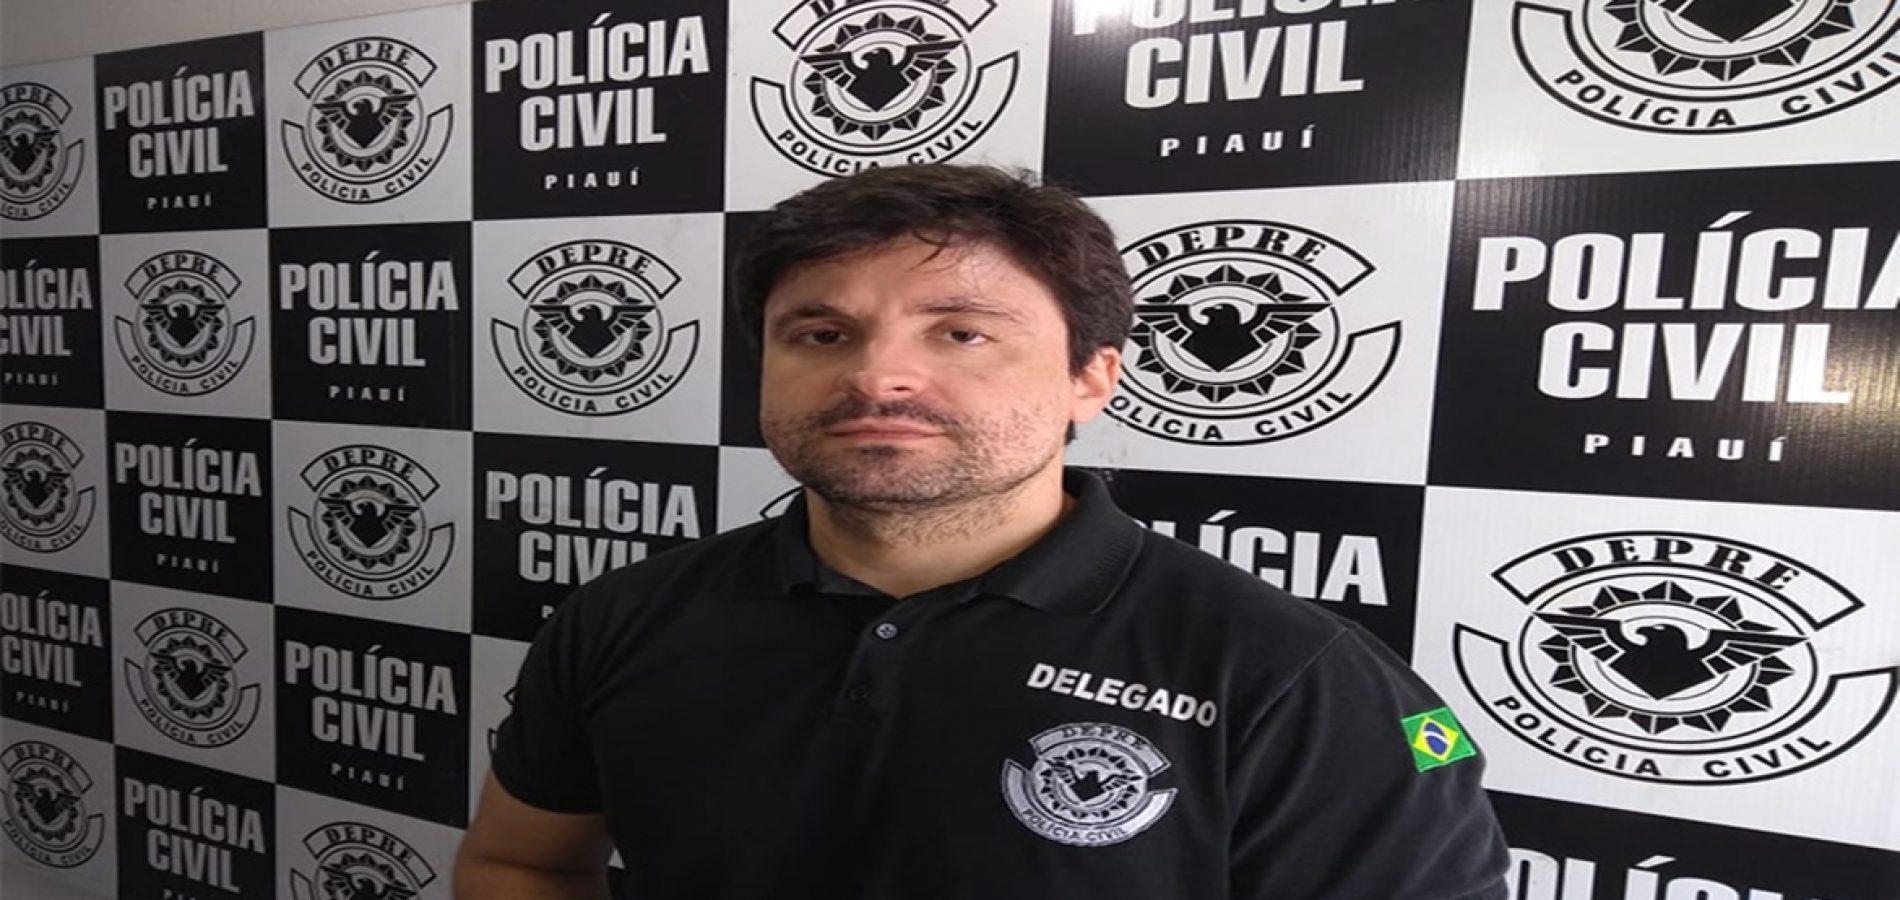 Arrependida, condenada a sete anos por tráfico chora ao ser presa no Piauí